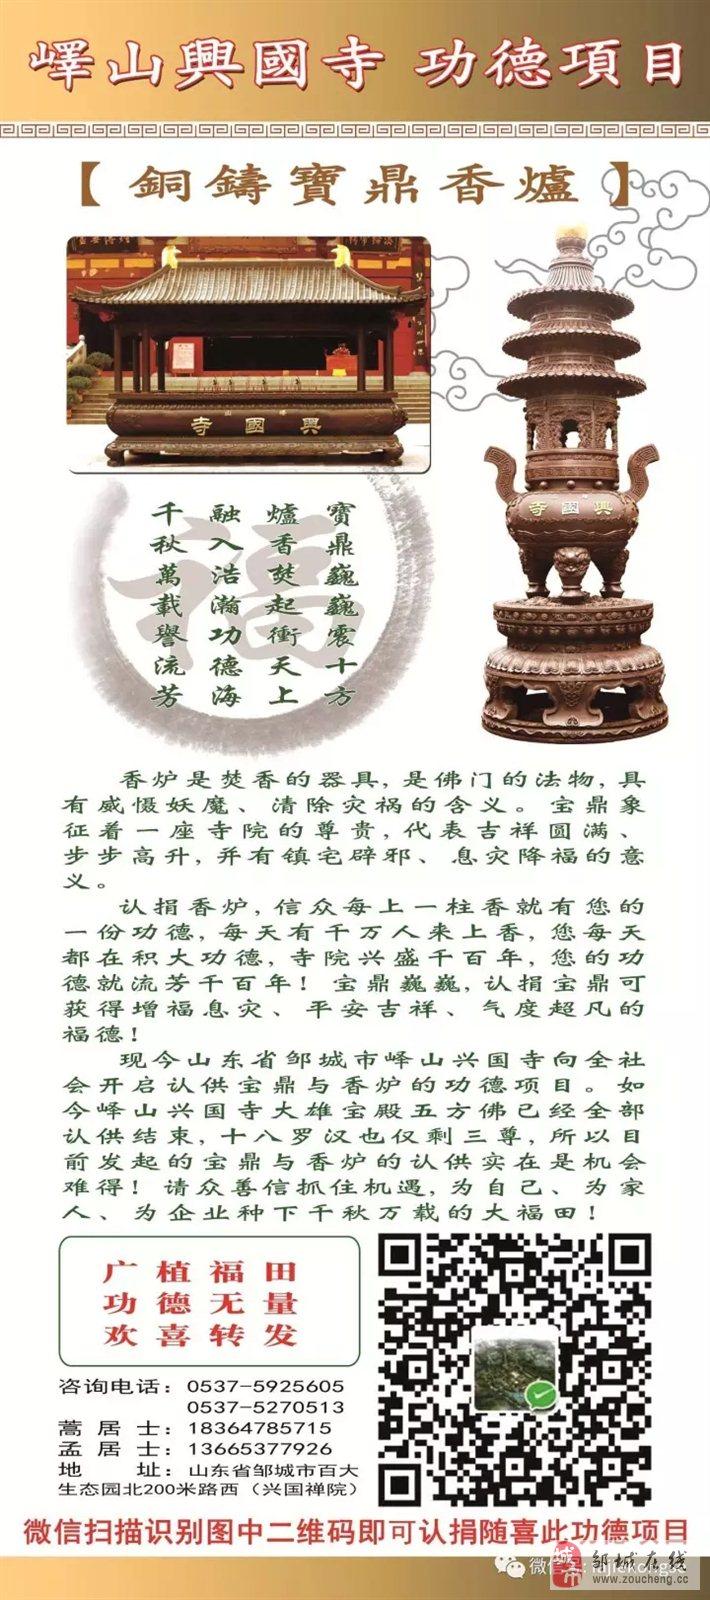 《入菩萨行论》忏悔罪业品(62)